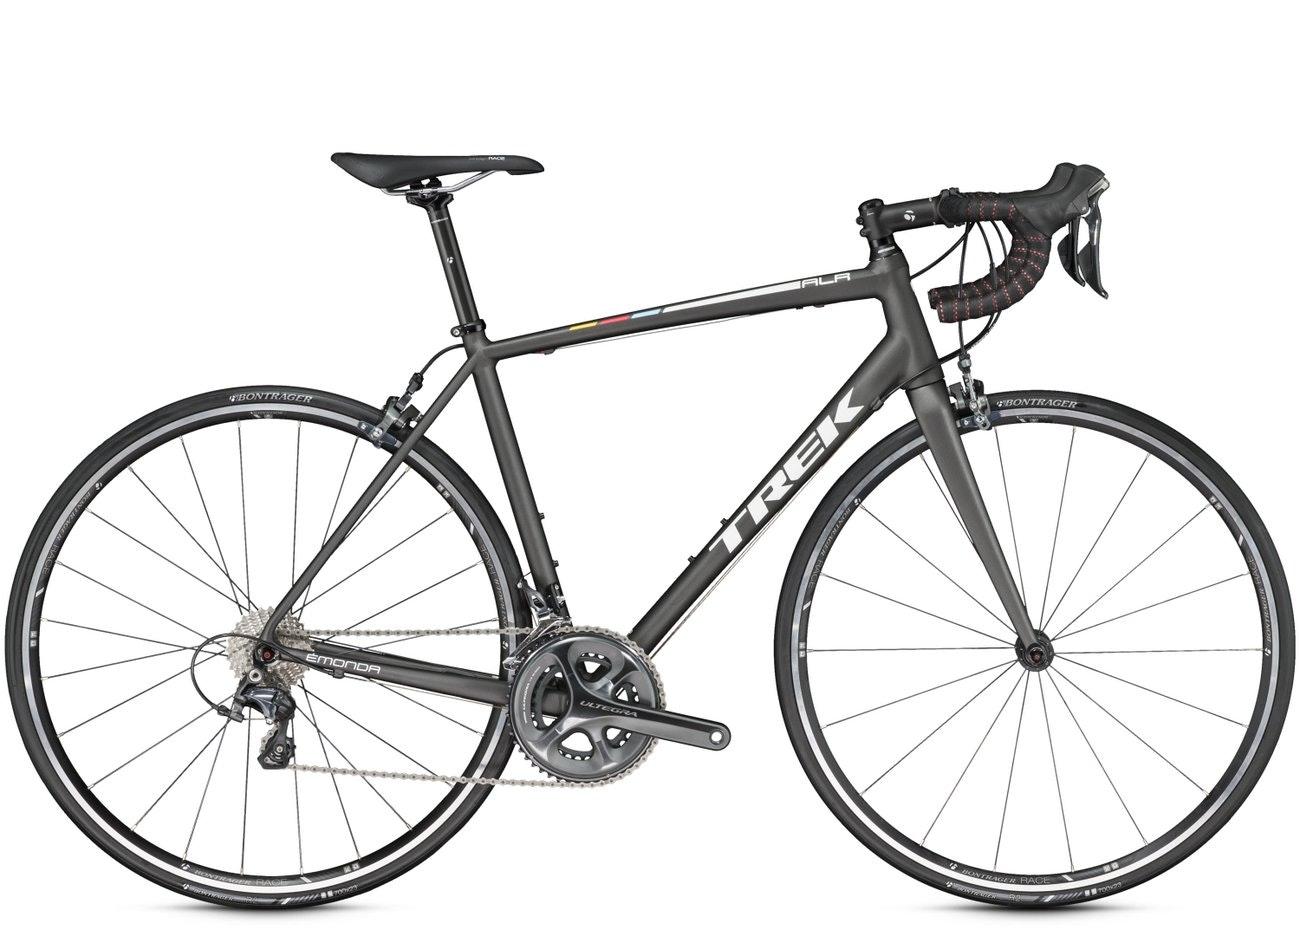 Trek Émonda ALR aluminium road bike